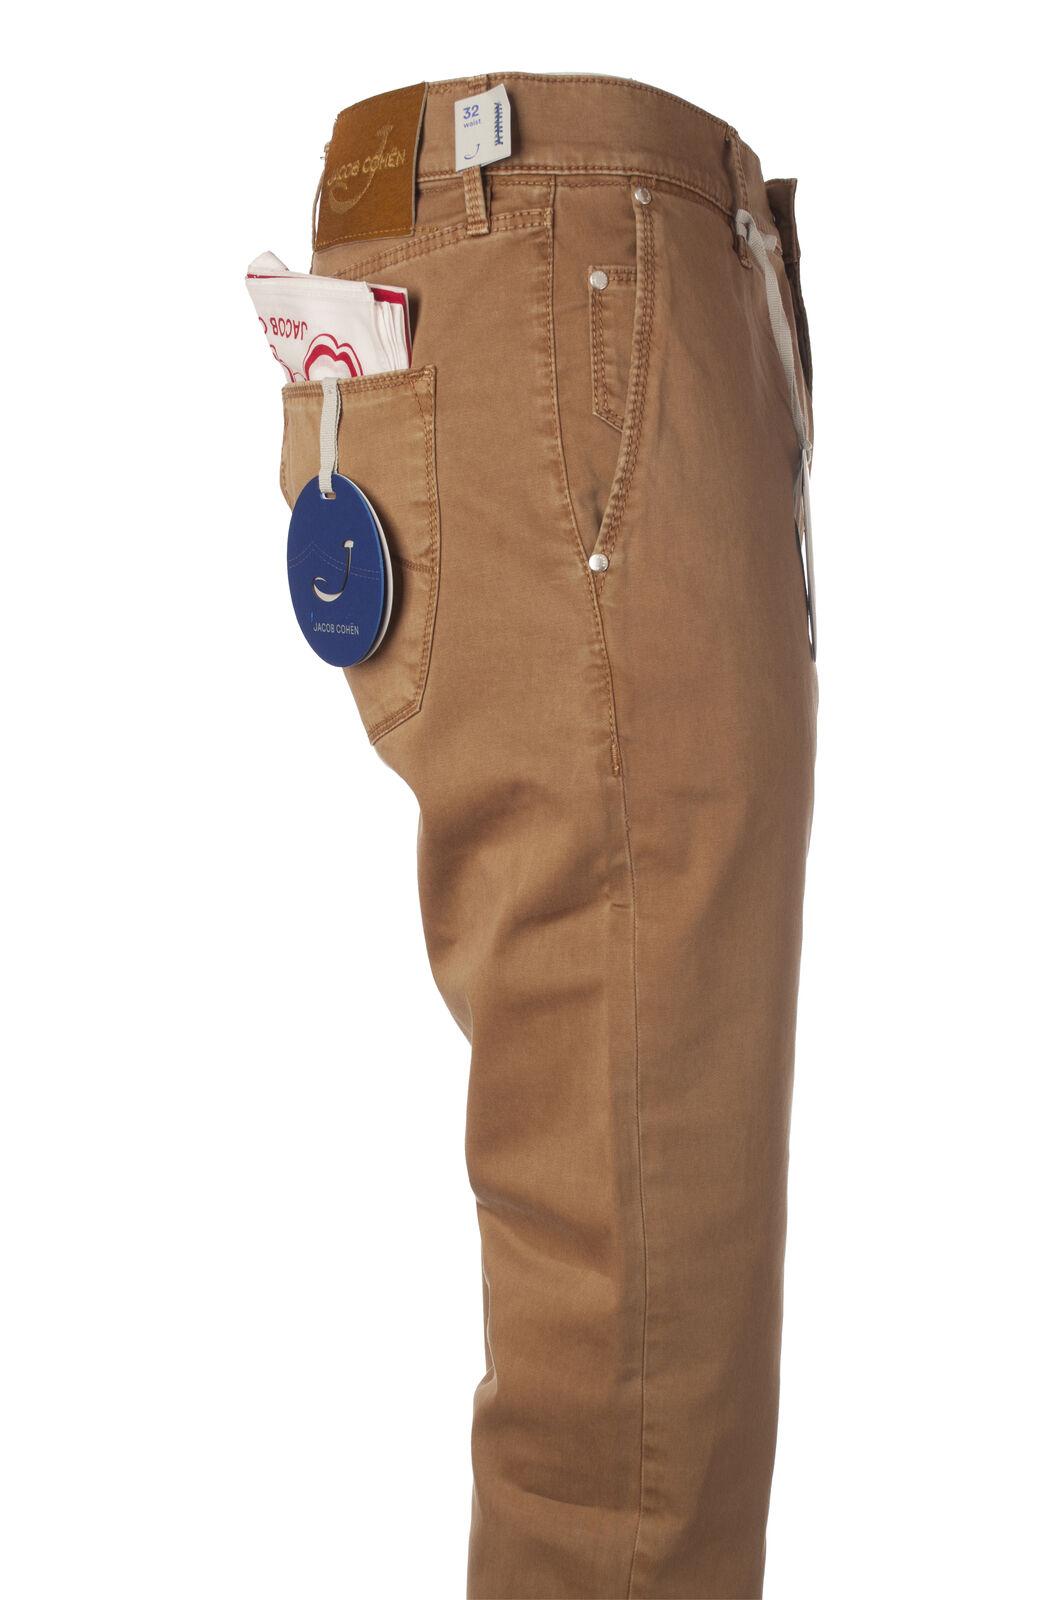 Jacob Cohen - Pants-Pants - Man - Beige - 5971312C191351